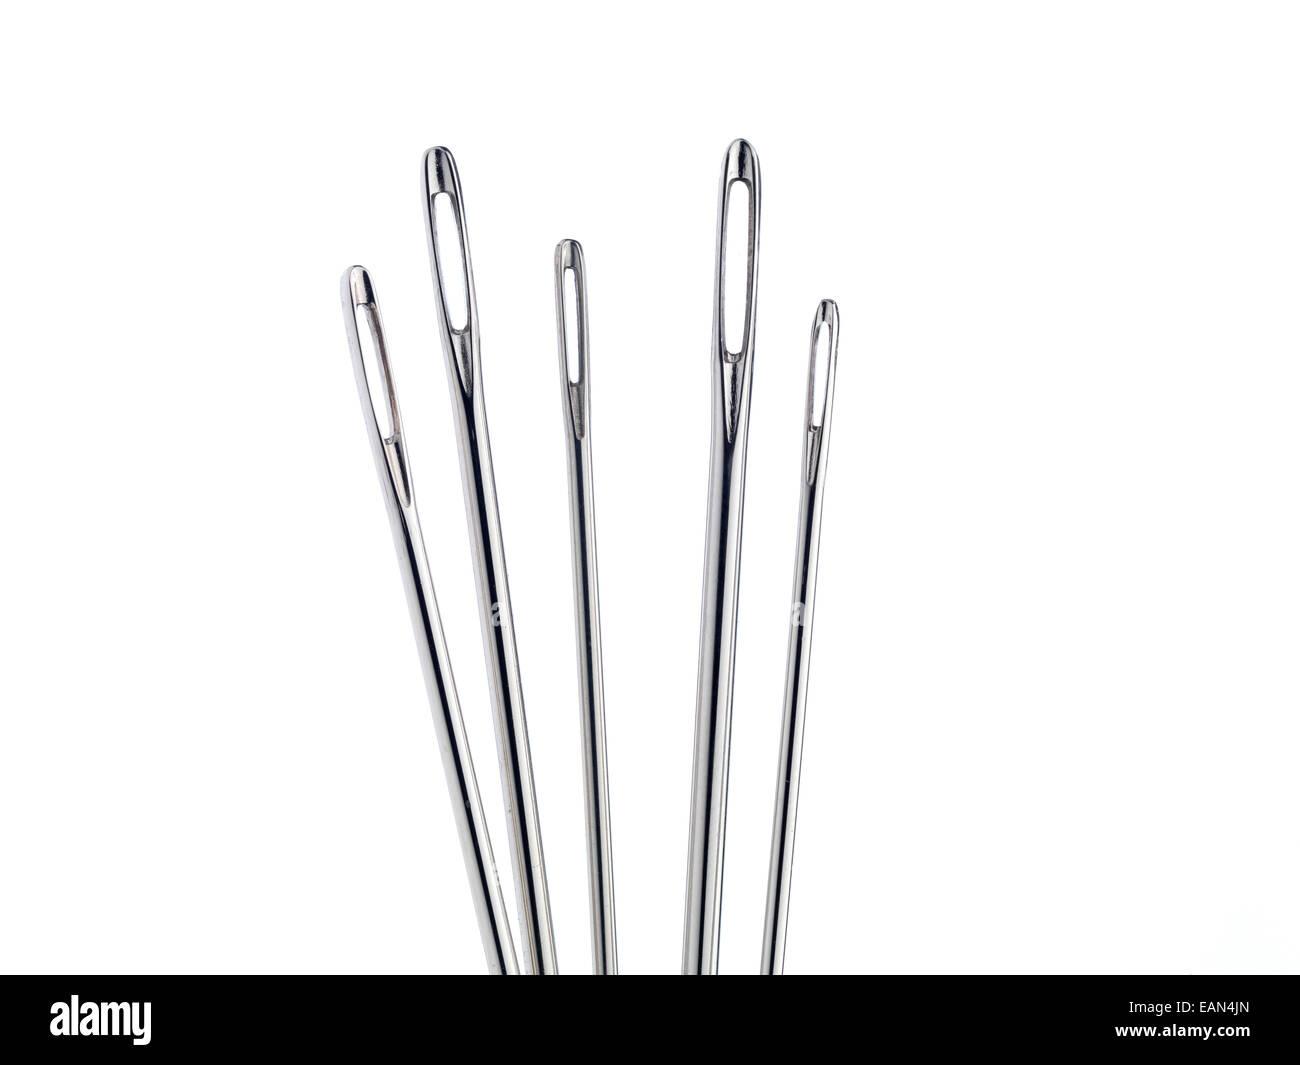 Needles on white background - Stock Image